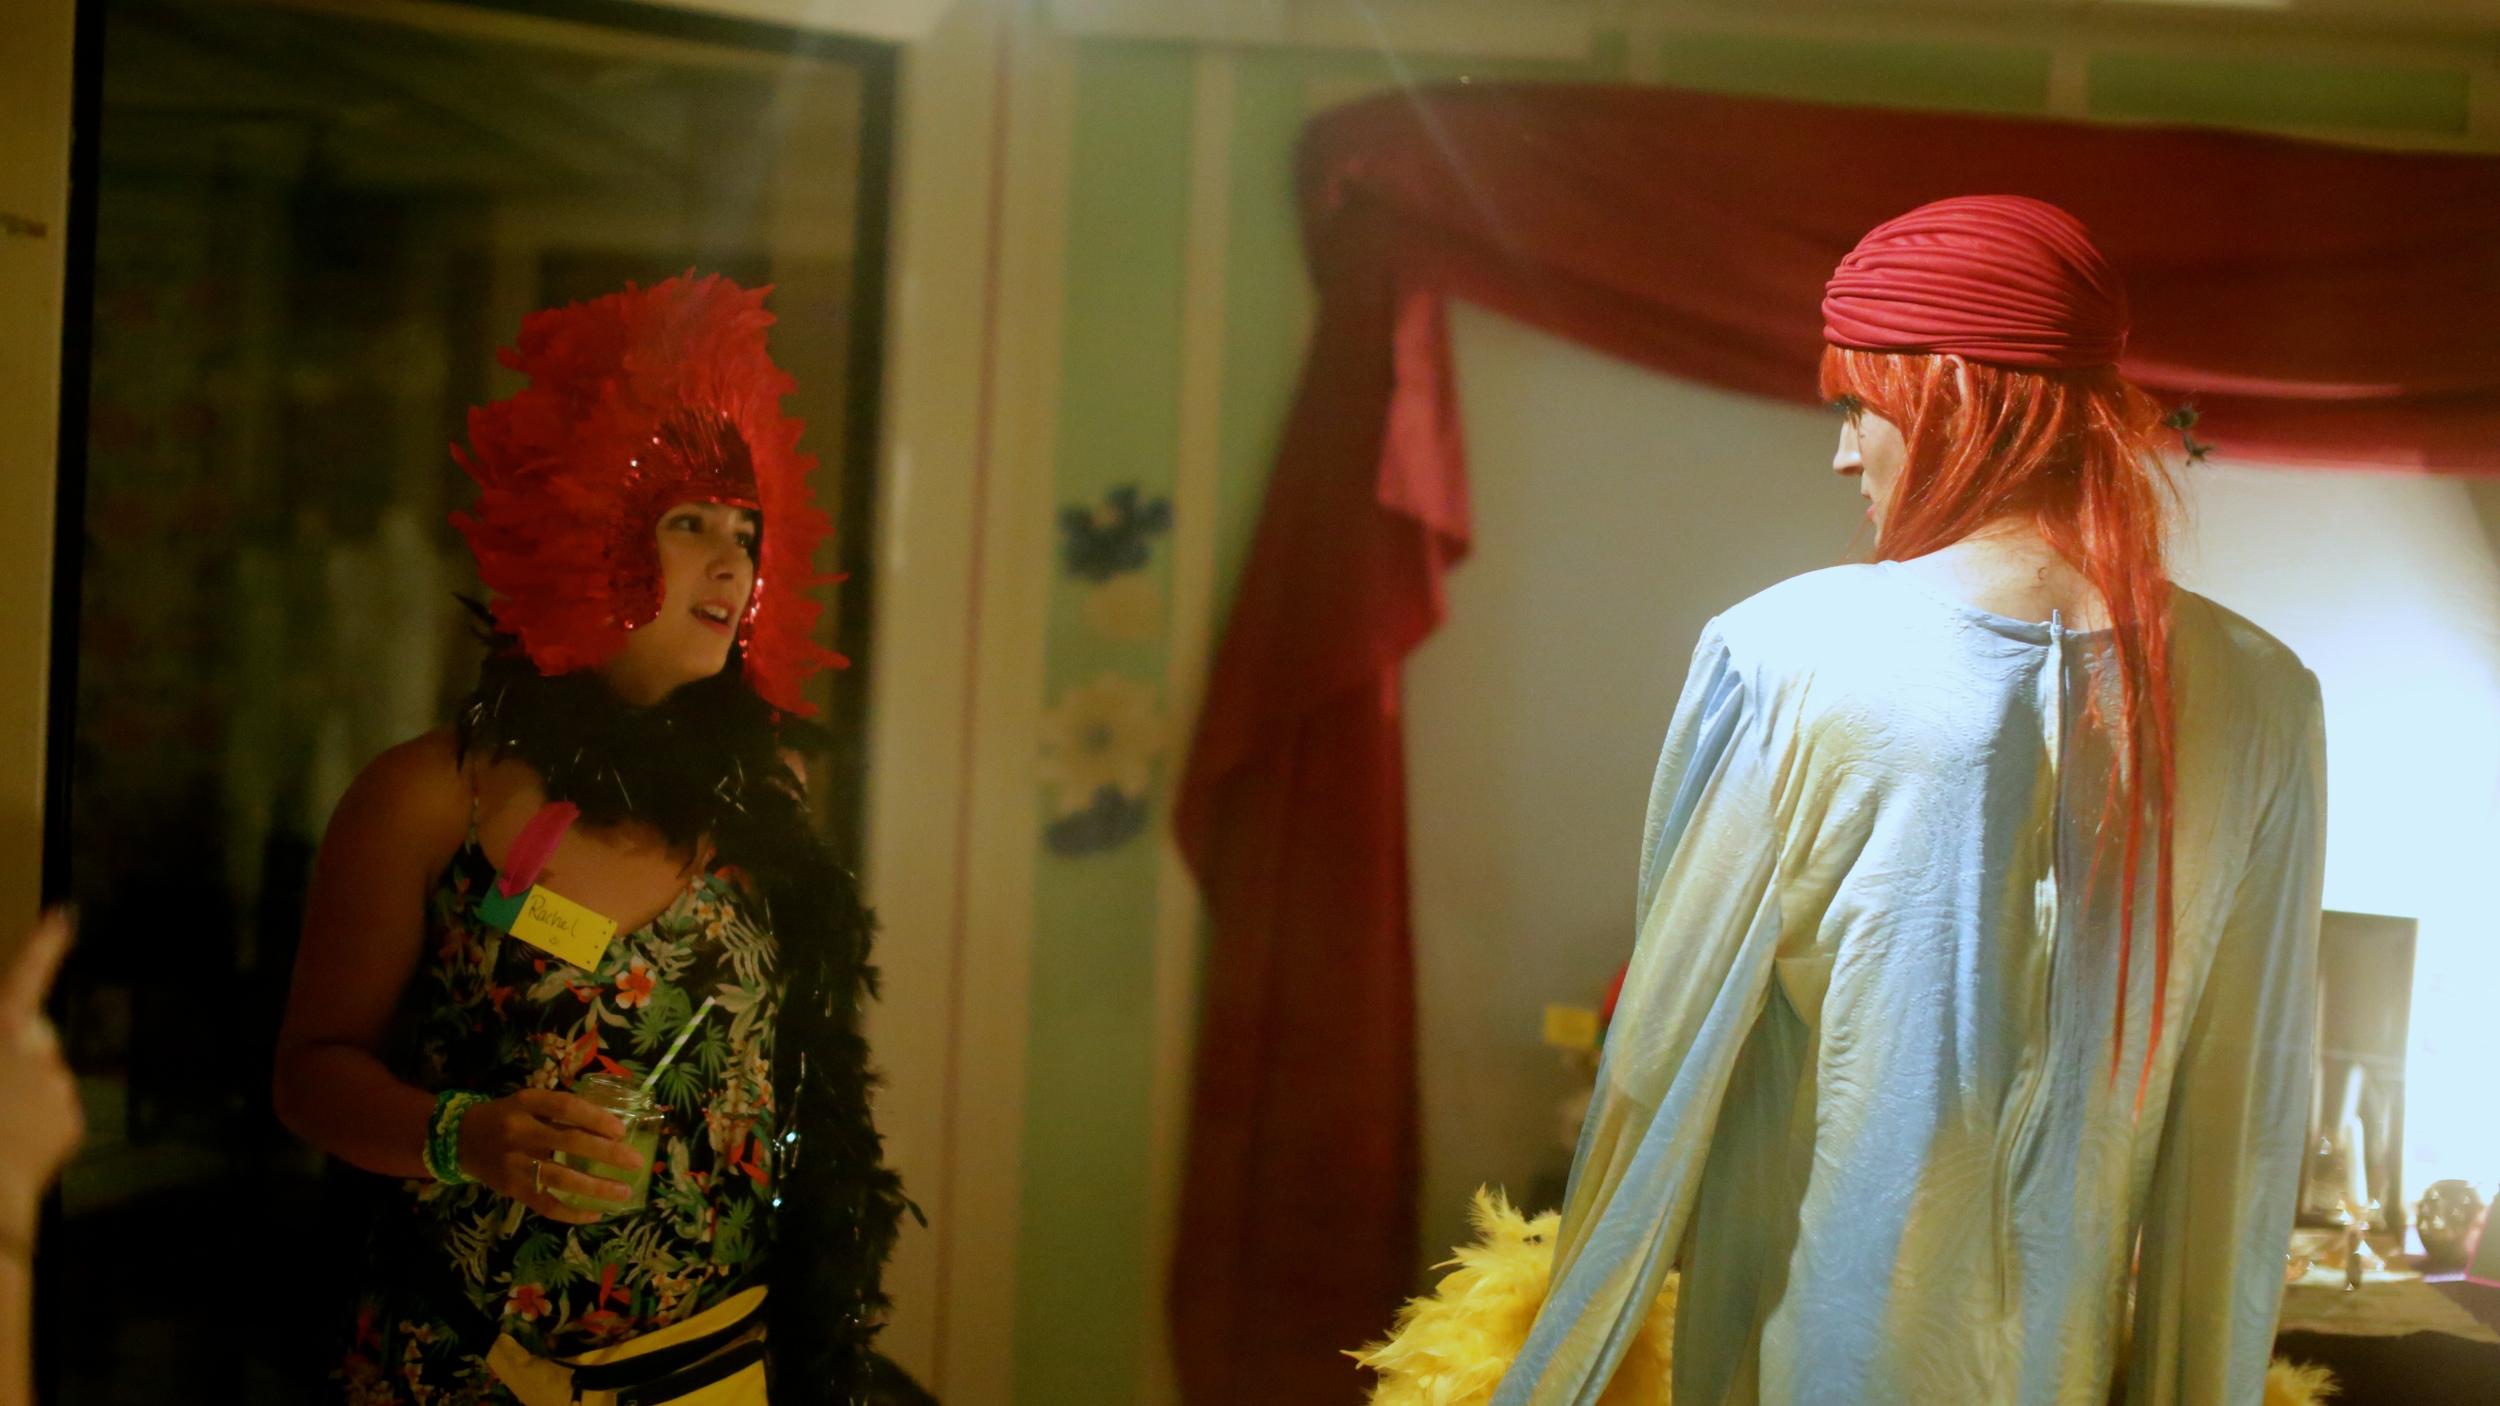 Carioca Character Room (Ipanema Drag Queen)